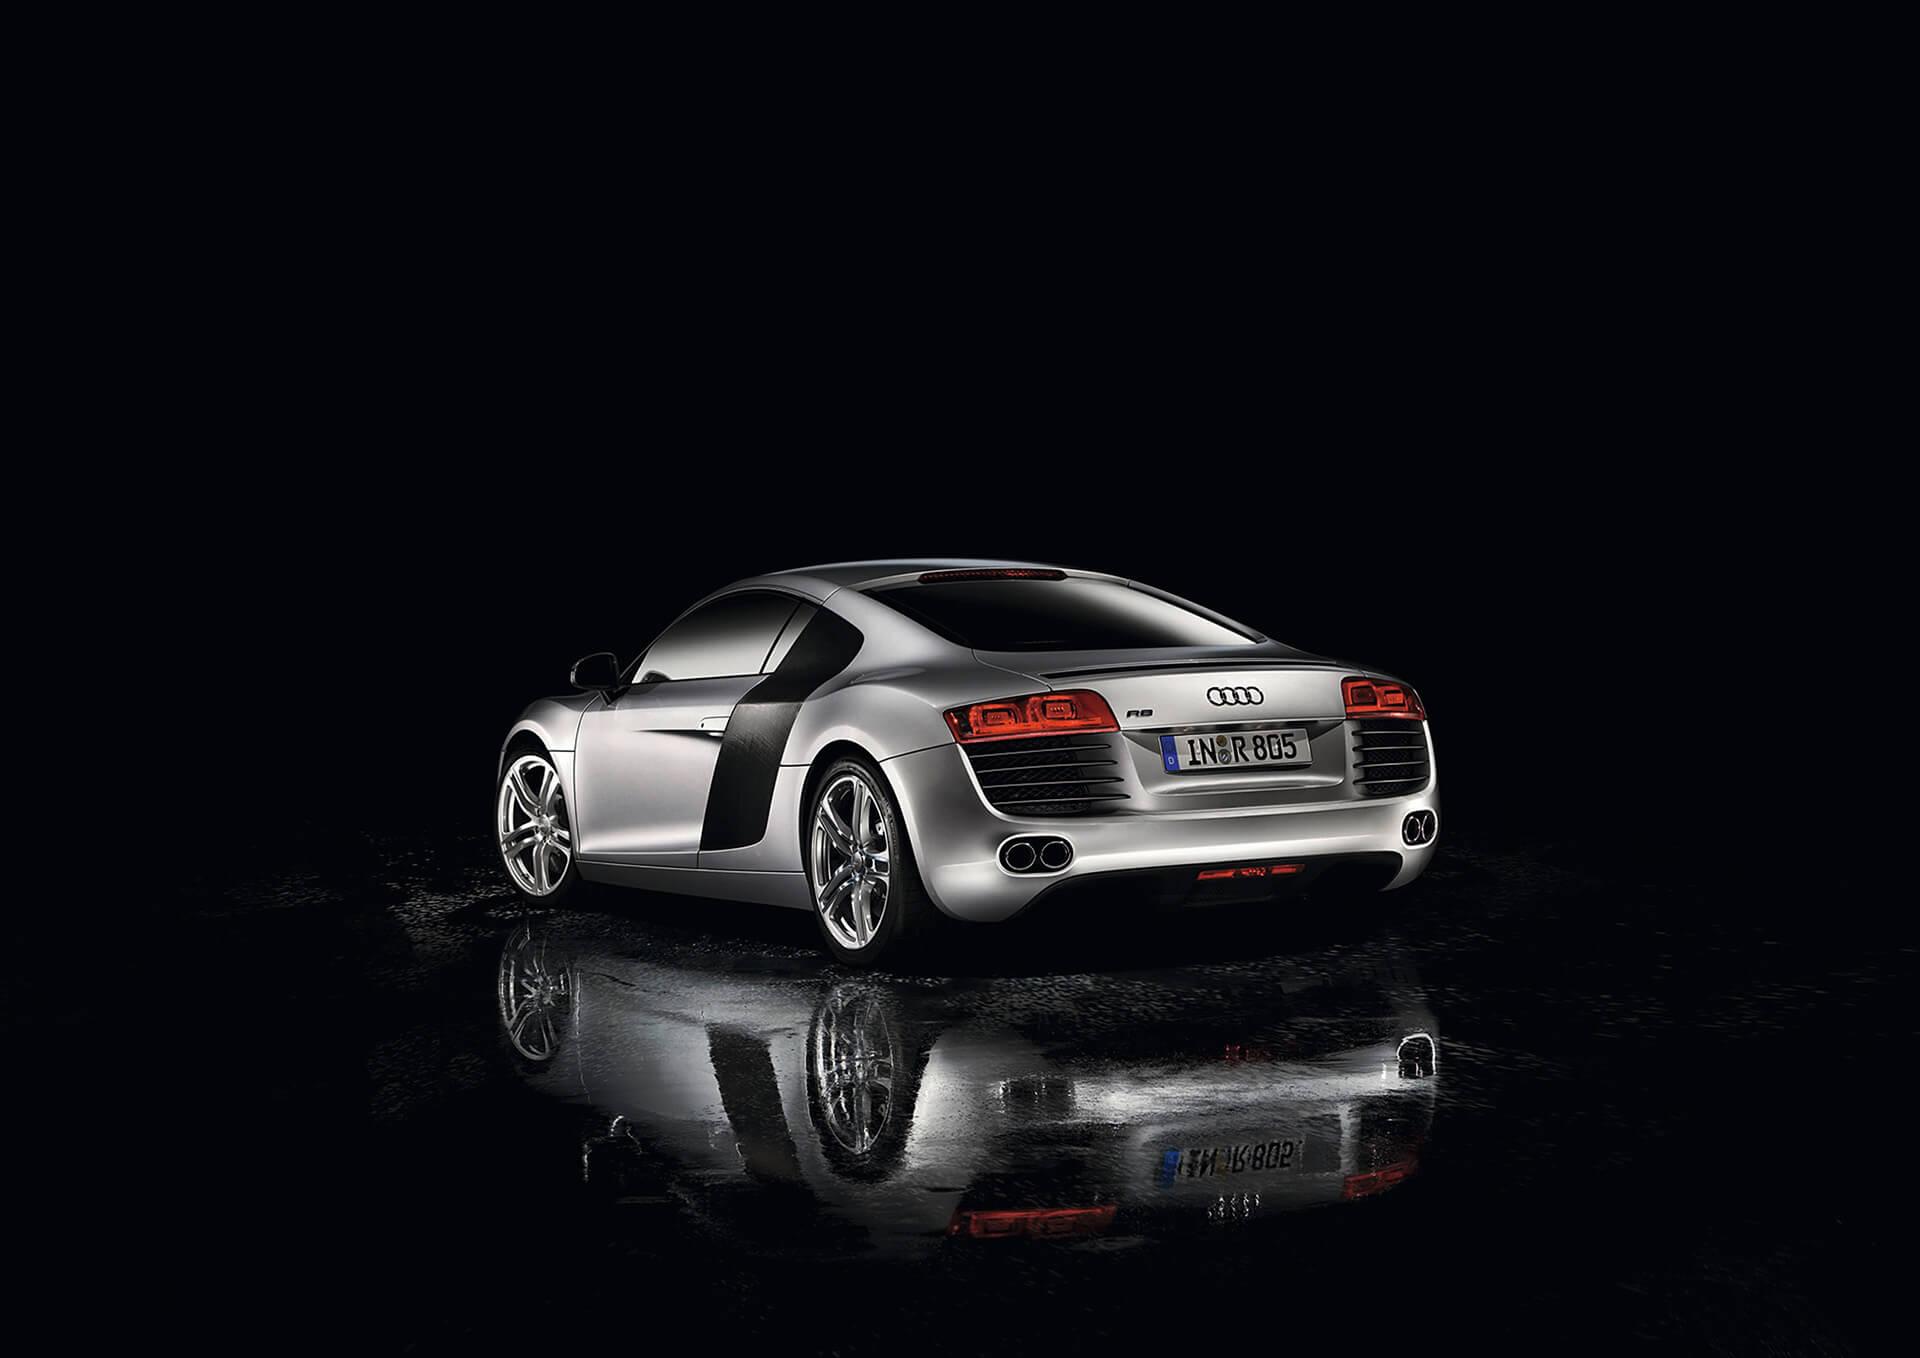 2007, η χρονιά που πρωτοκυκλοφόρησε το σπορ αυτοκίνητο υψηλών επιδόσεων Audi R8